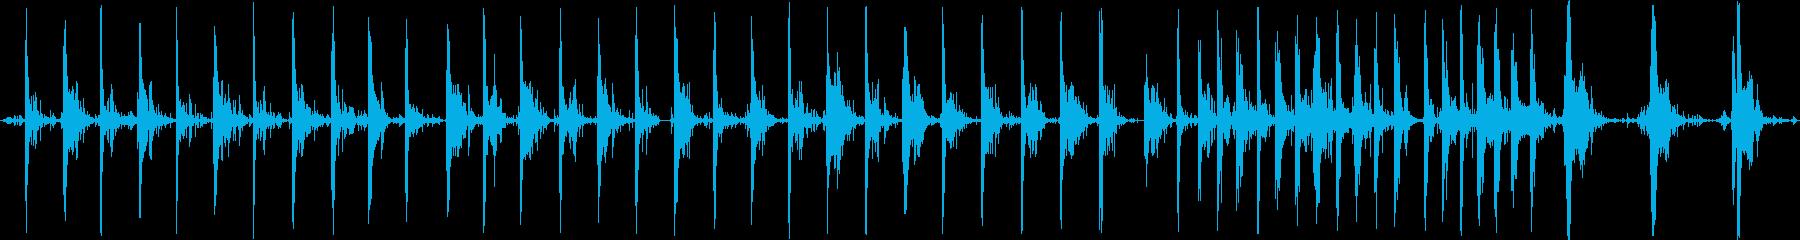 さまざまなラウドメタルフットステッ...の再生済みの波形